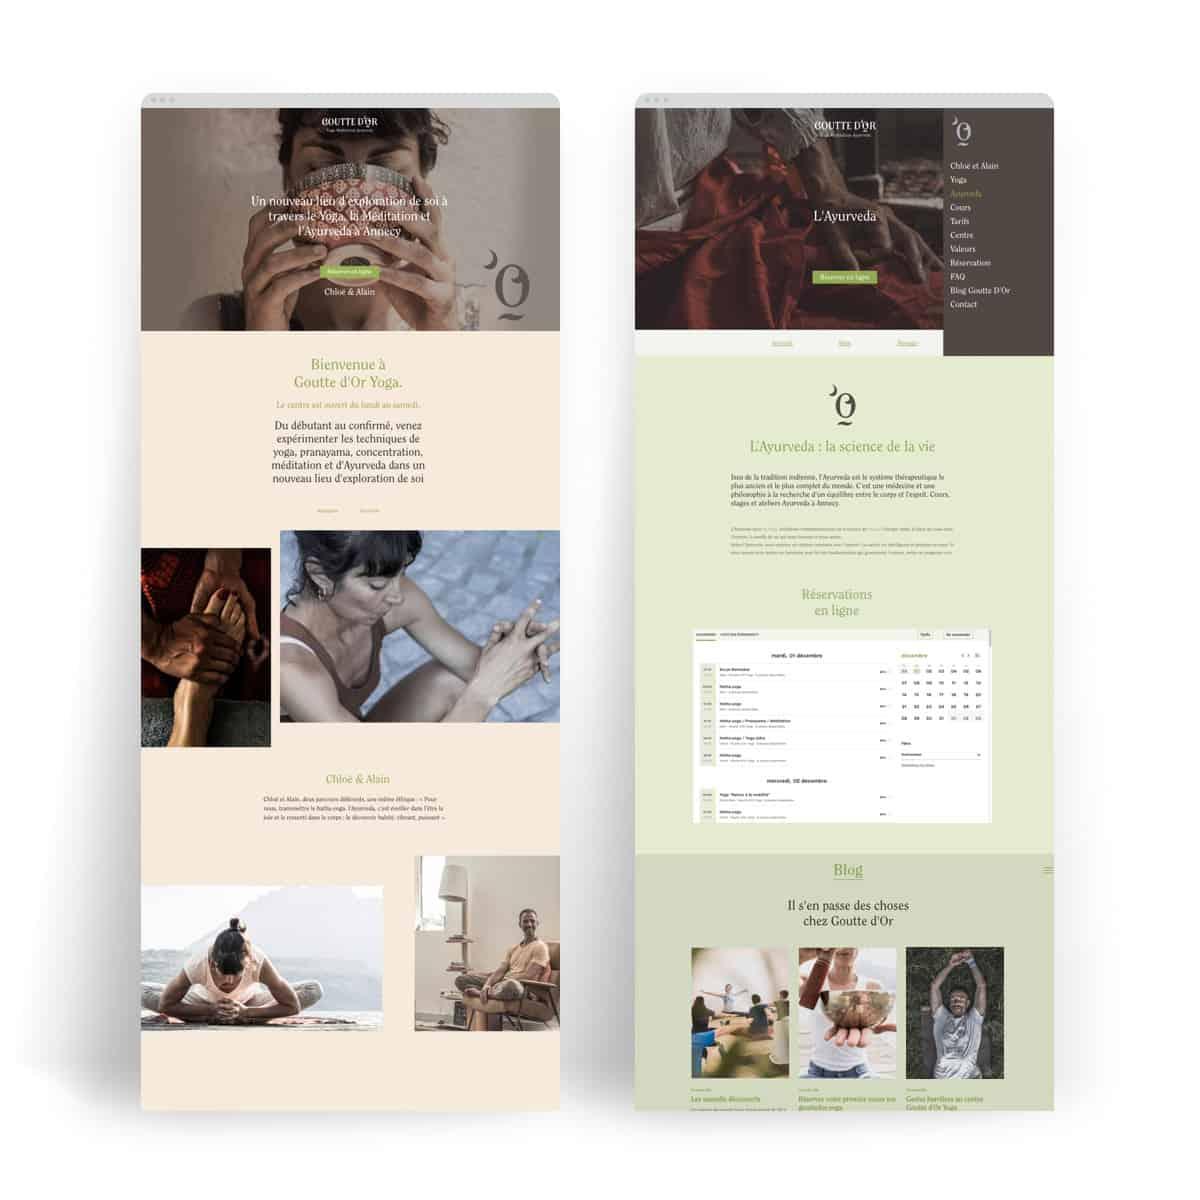 Création de site, webdesign. BLUE1310 agence de communication web marketing digital à Annecy